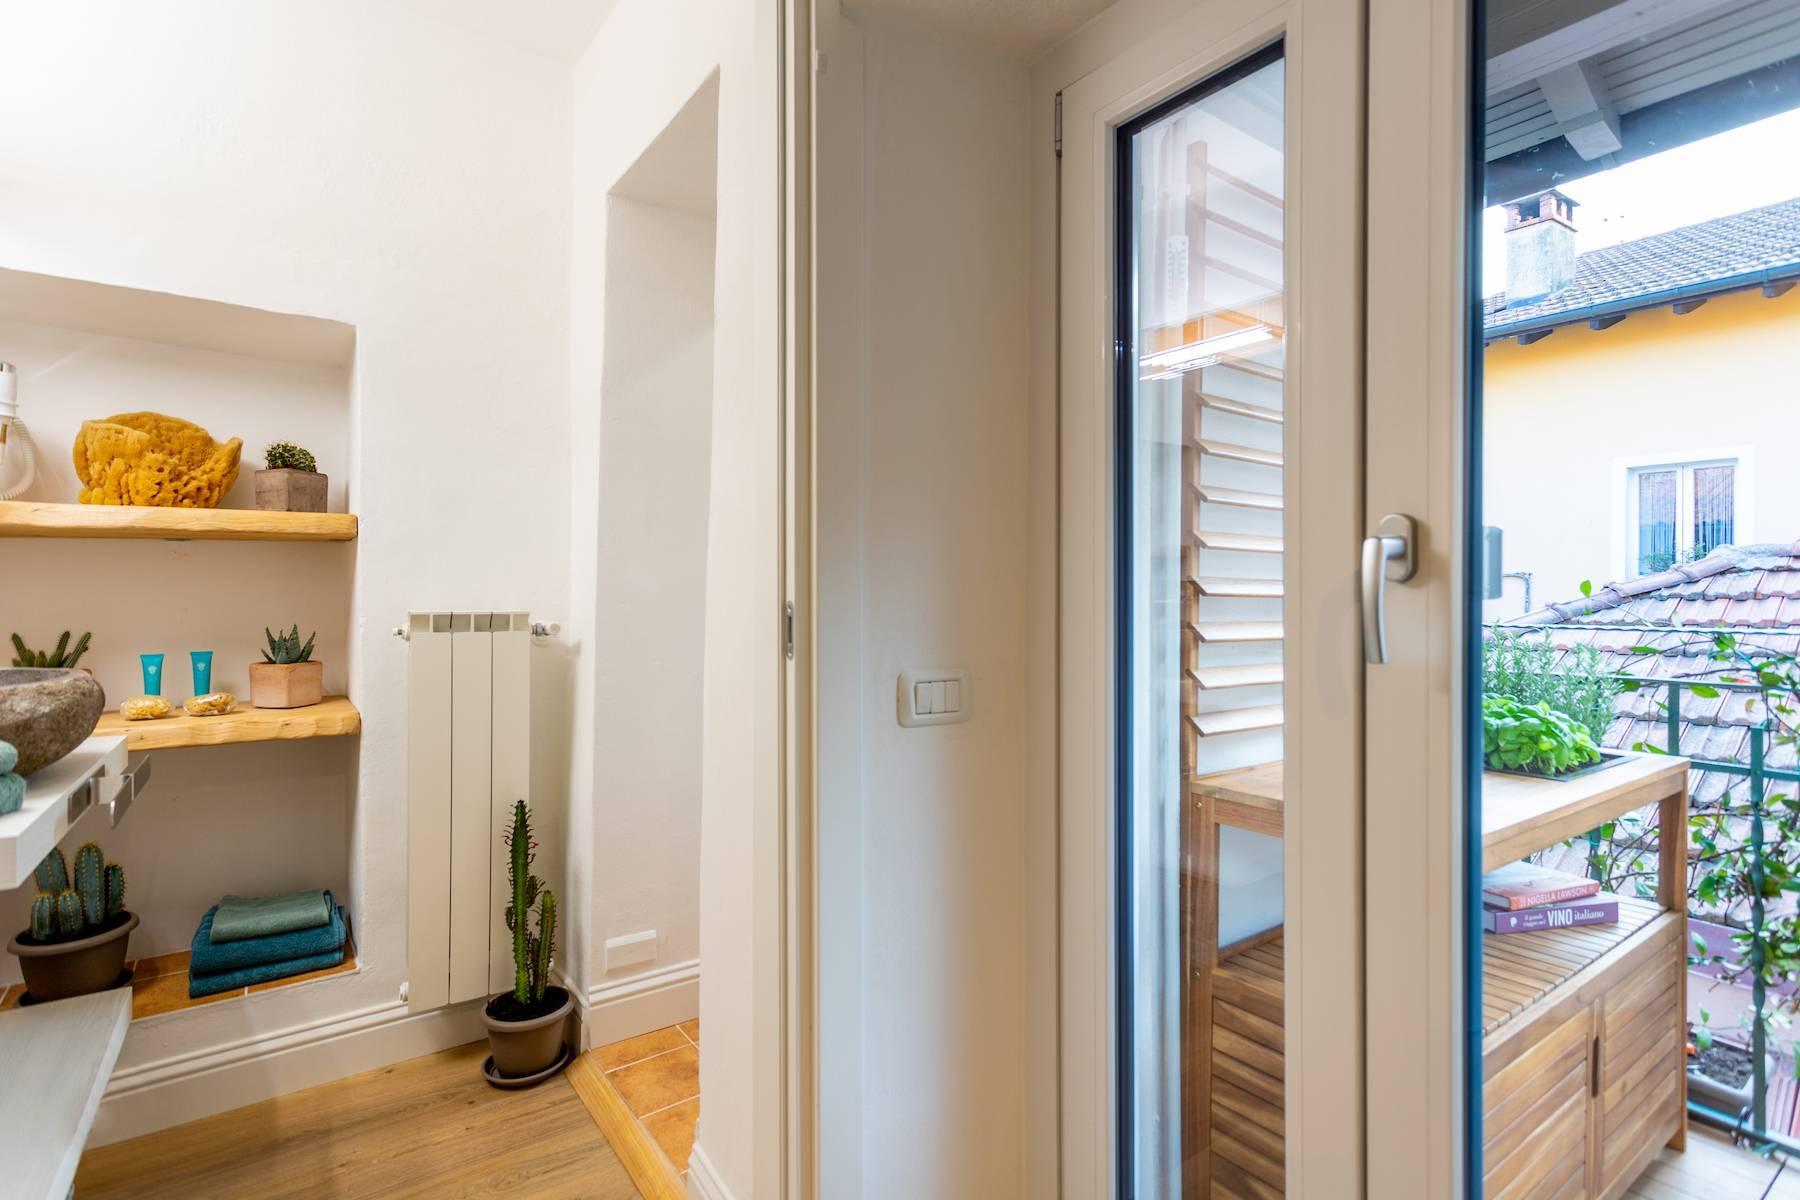 Appartamento accogliente a Belgirate con vista sul Lago Maggiore - 20